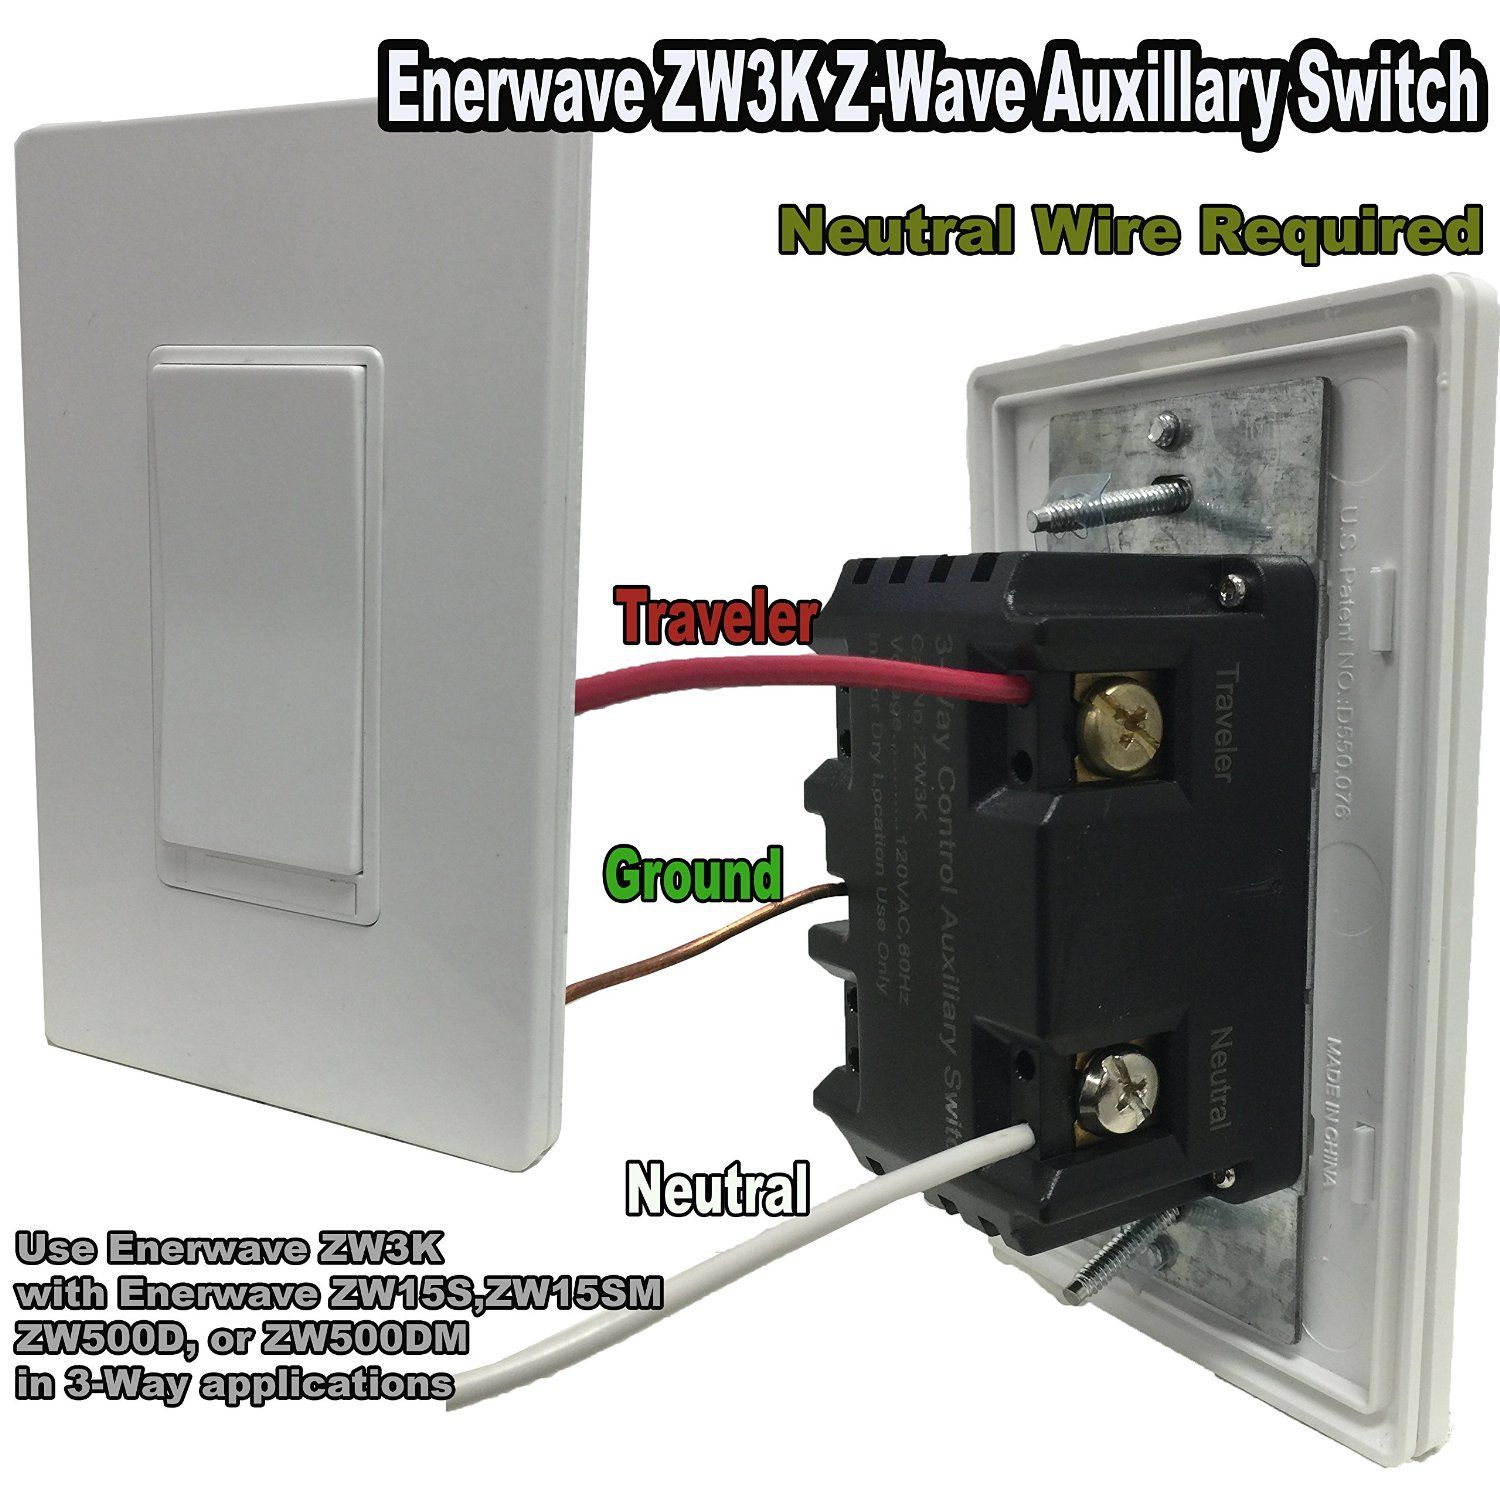 enerwave zw3k-w 3 way z wave auxillary switch addon, wiress home automation  control device 3 way control auxillary switch 120vac 60hz, white - -  amazon com